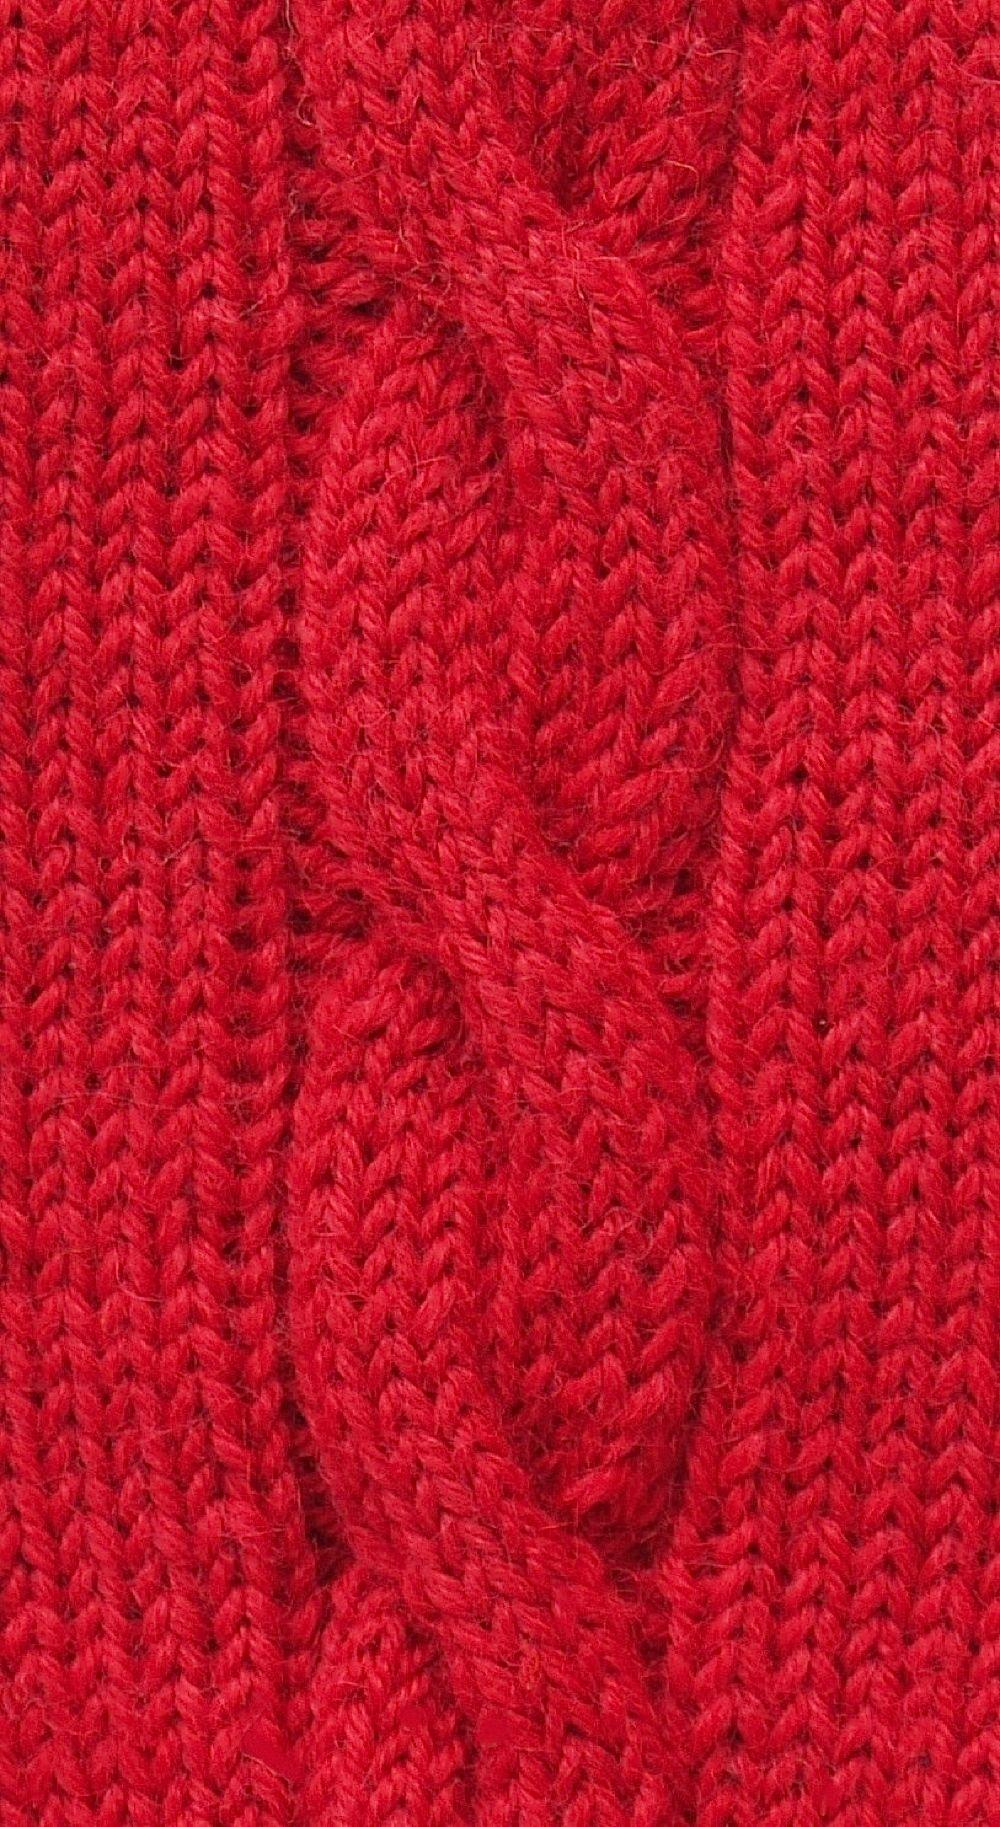 FLETTEMØNSTER 01 Enkel flette – de rette maskene i hver side vises ikke i diagrammet Dersom mønsteret strikkes rundt, bør øverste rad av diagrammet fjernes eller strikkes 2 ganger, slik at flettingene hele tiden kommer på retten Mønster-rapporten er 13 masker bred og 17 omganger/pinner høy